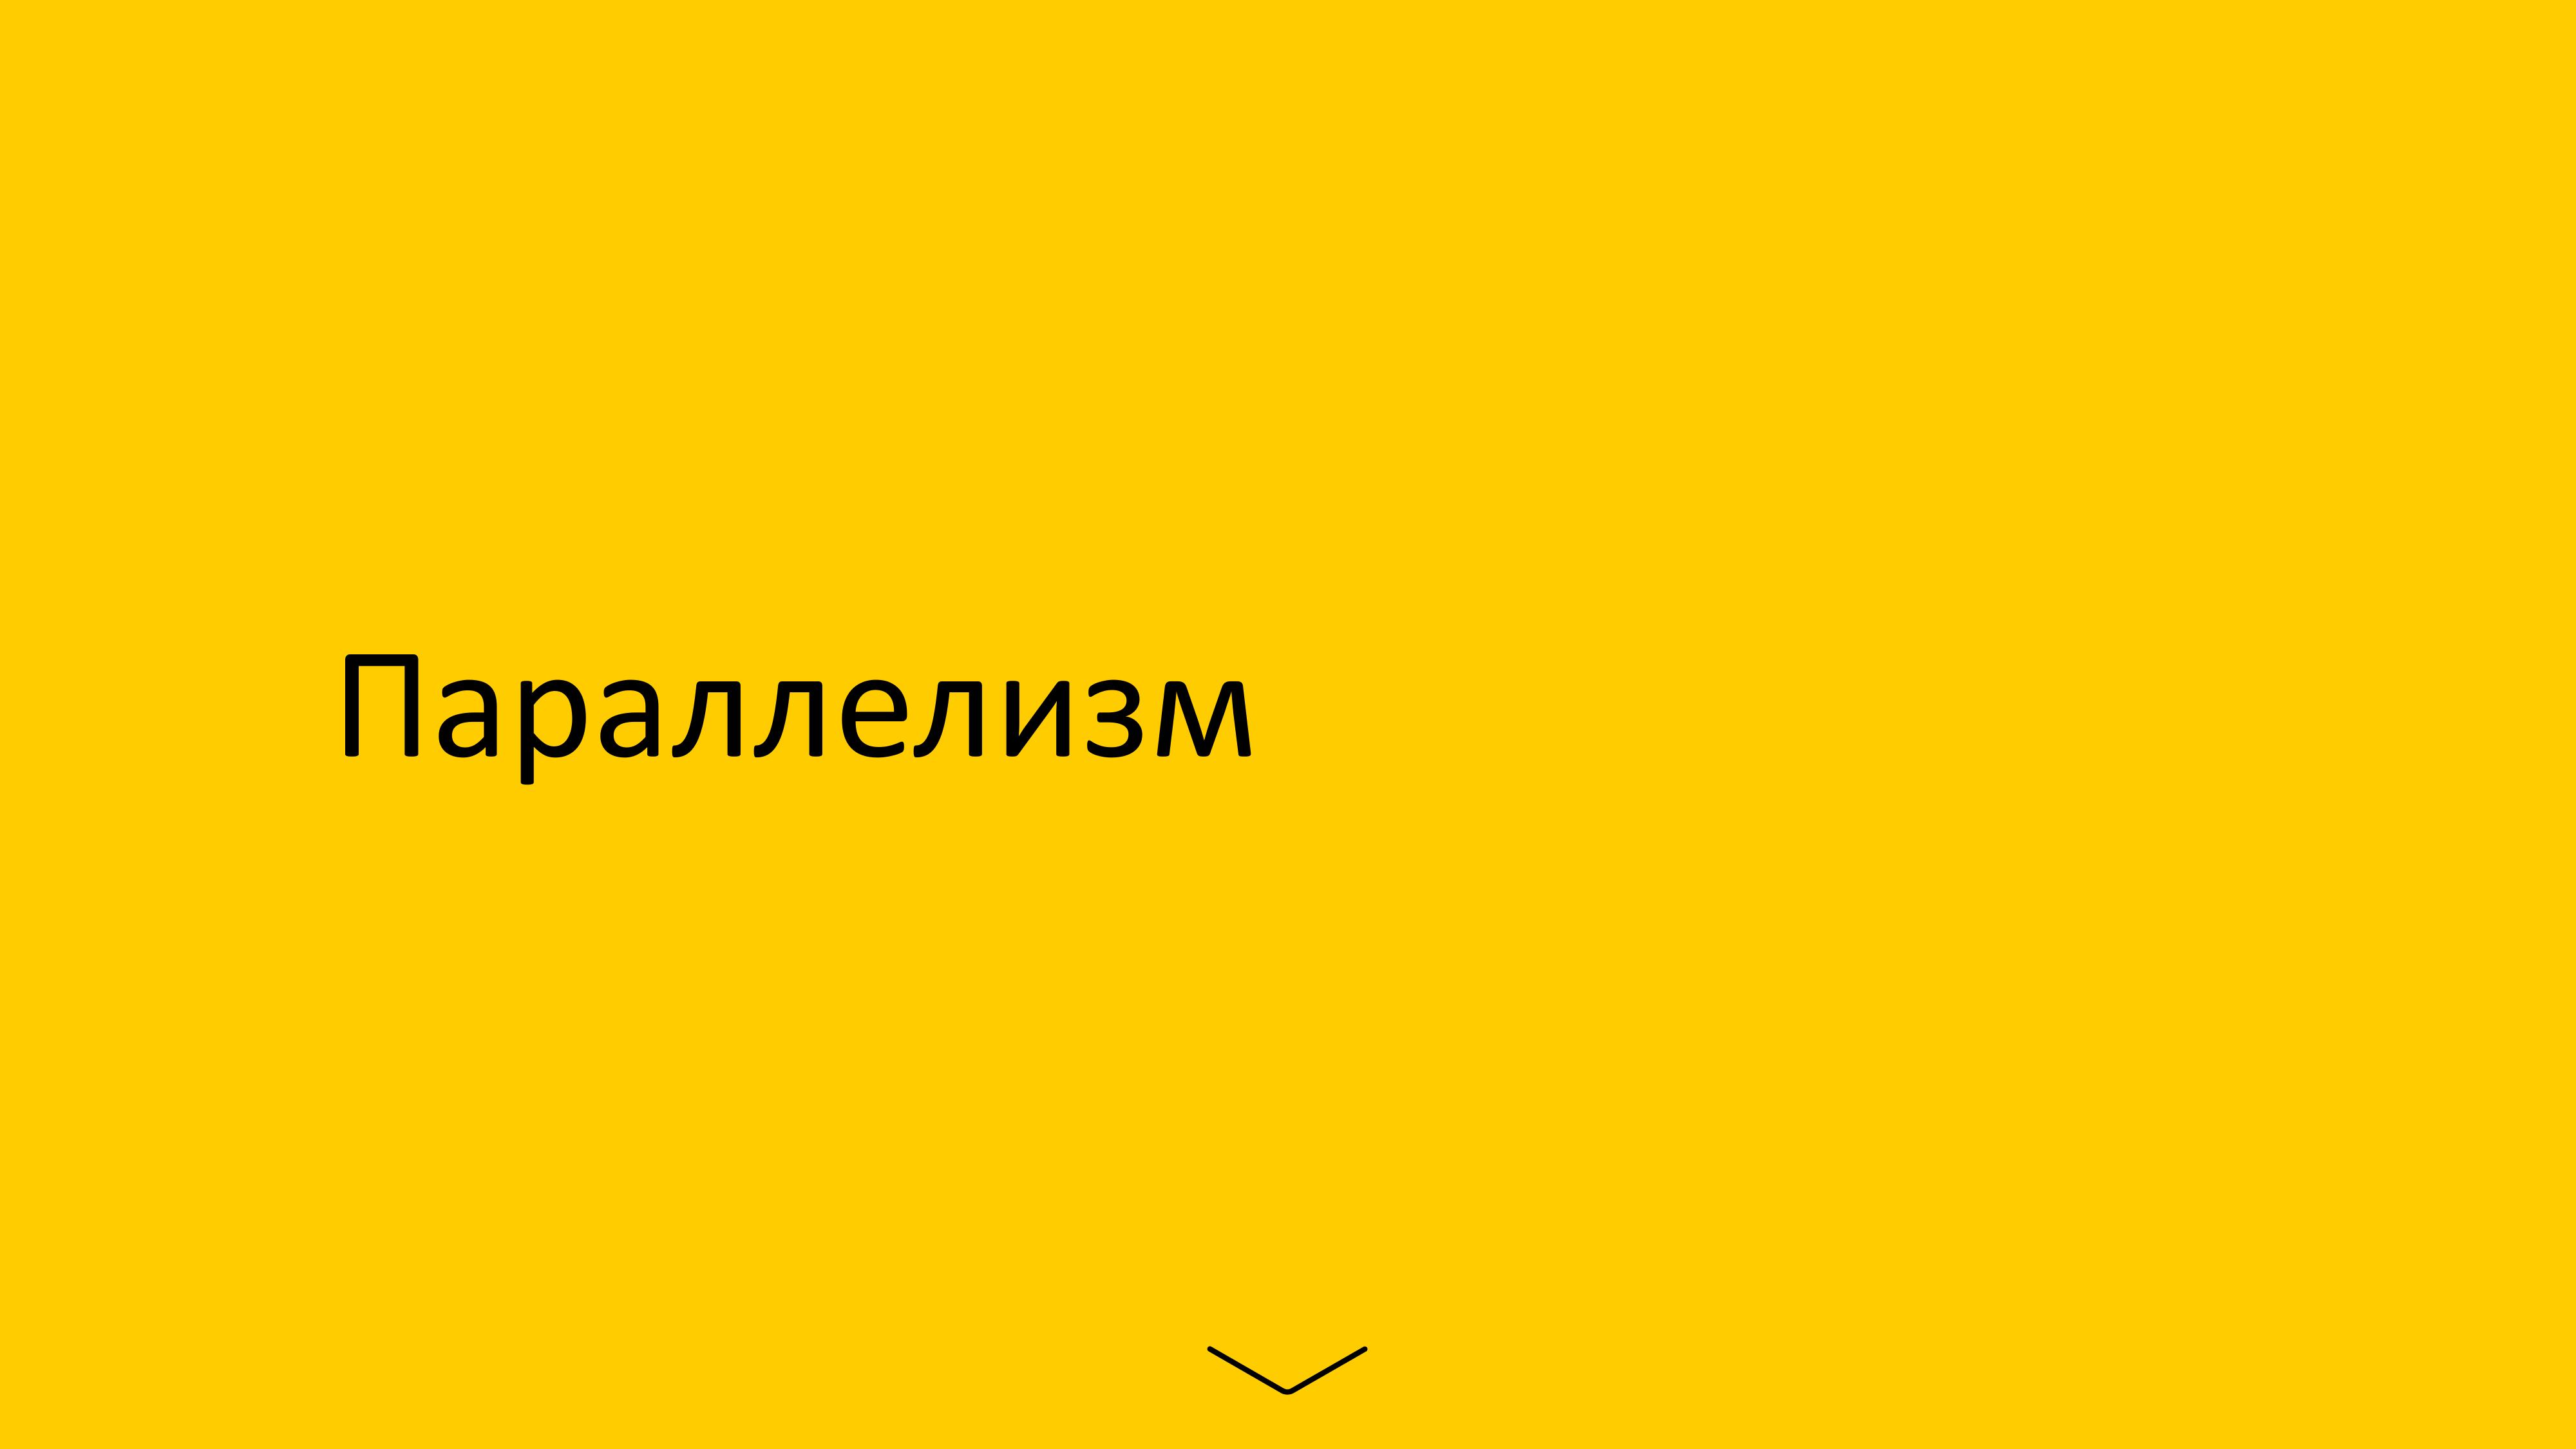 Резервные копии с WAL-G. Что там в 2019? Андрей Бородин — IT-МИР. ПОМОЩЬ В IT-МИРЕ 2021